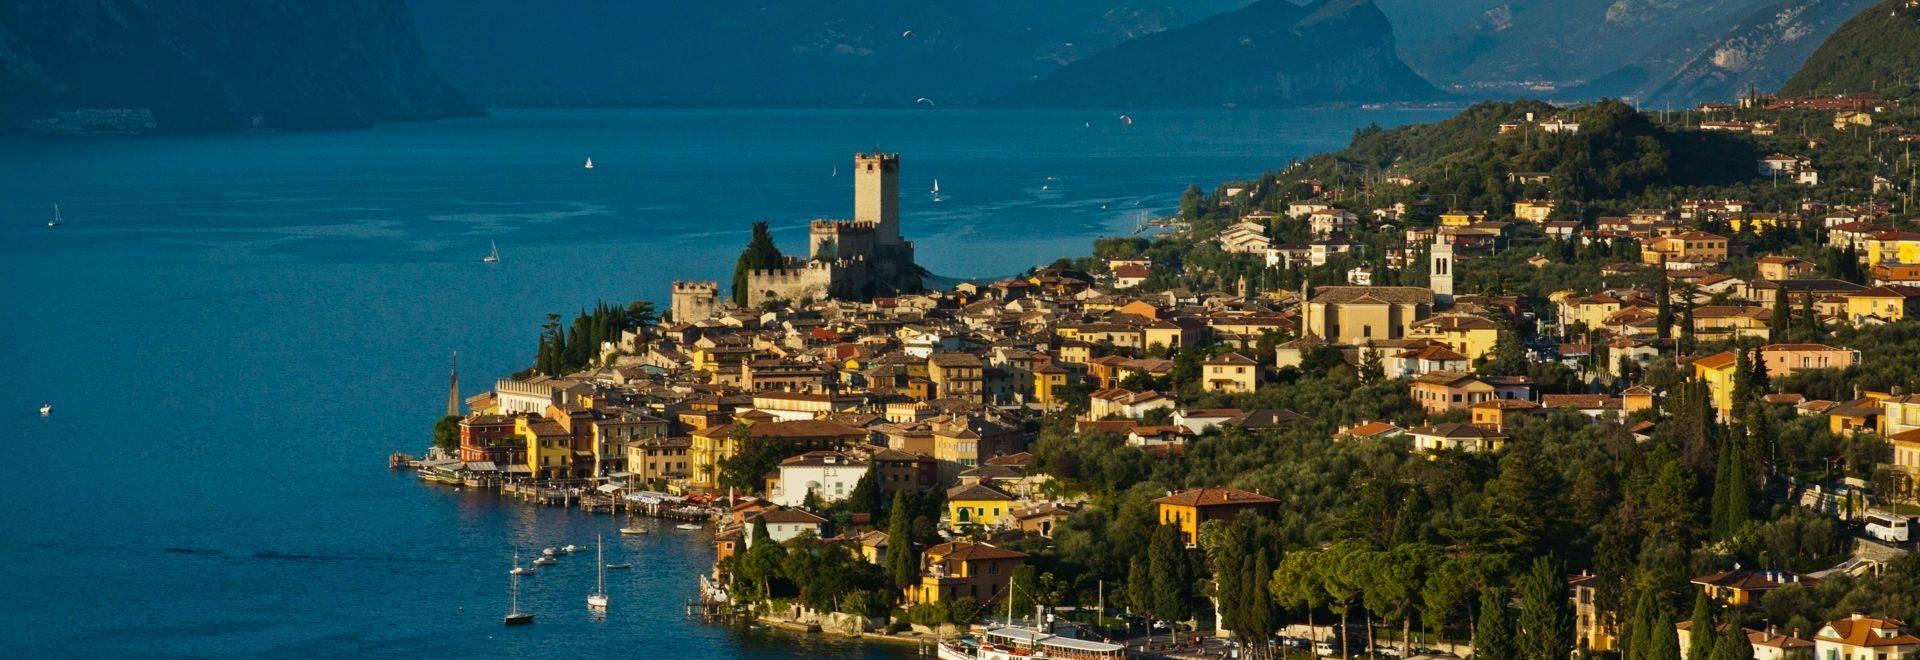 Shutterstock 151471391 Stunning Views